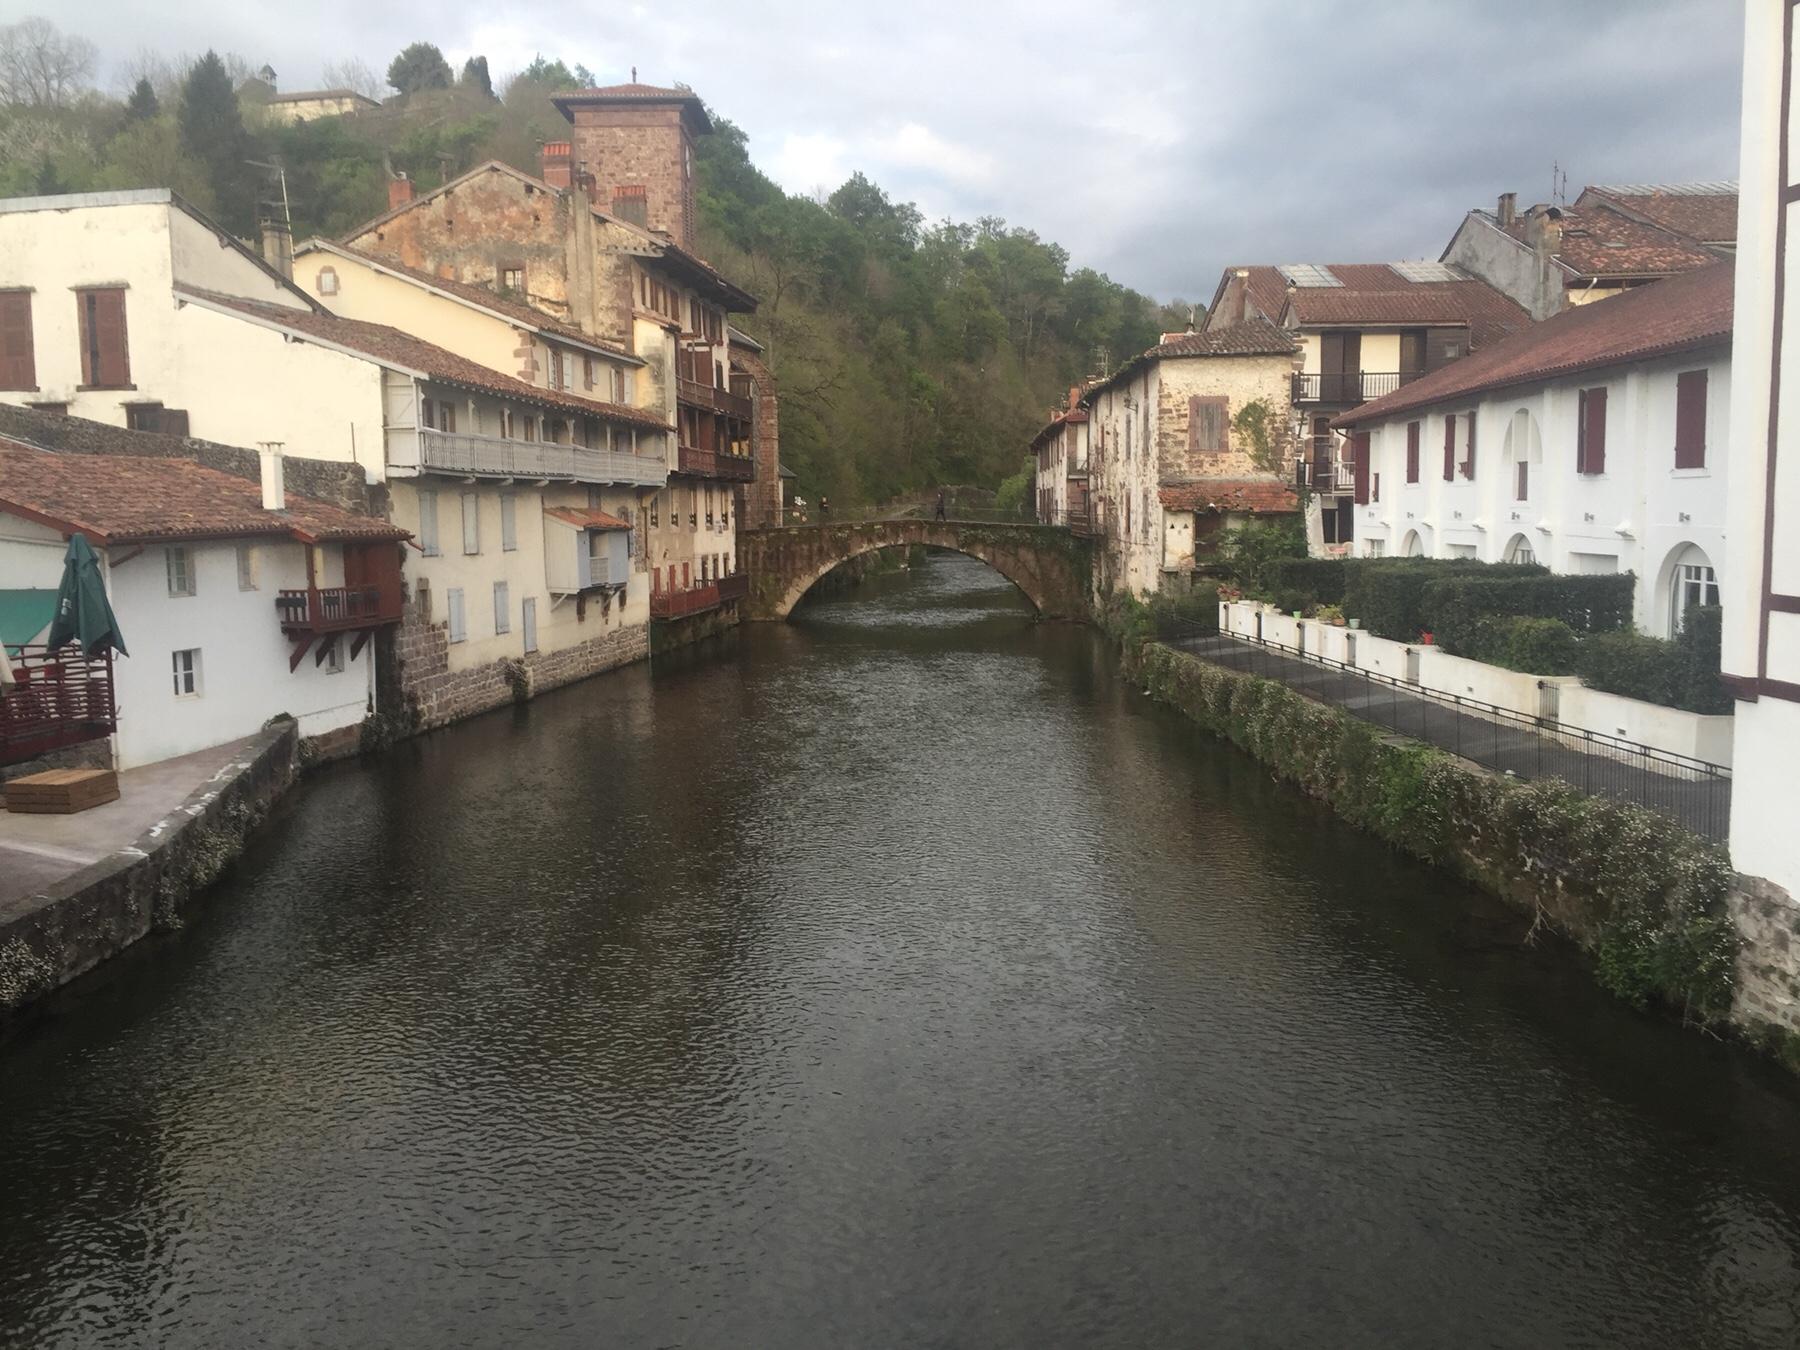 Typisches Pilgermotiv in Saint-Jean-Pied-de-Port. Über diese Brücke führt morgen der Camino